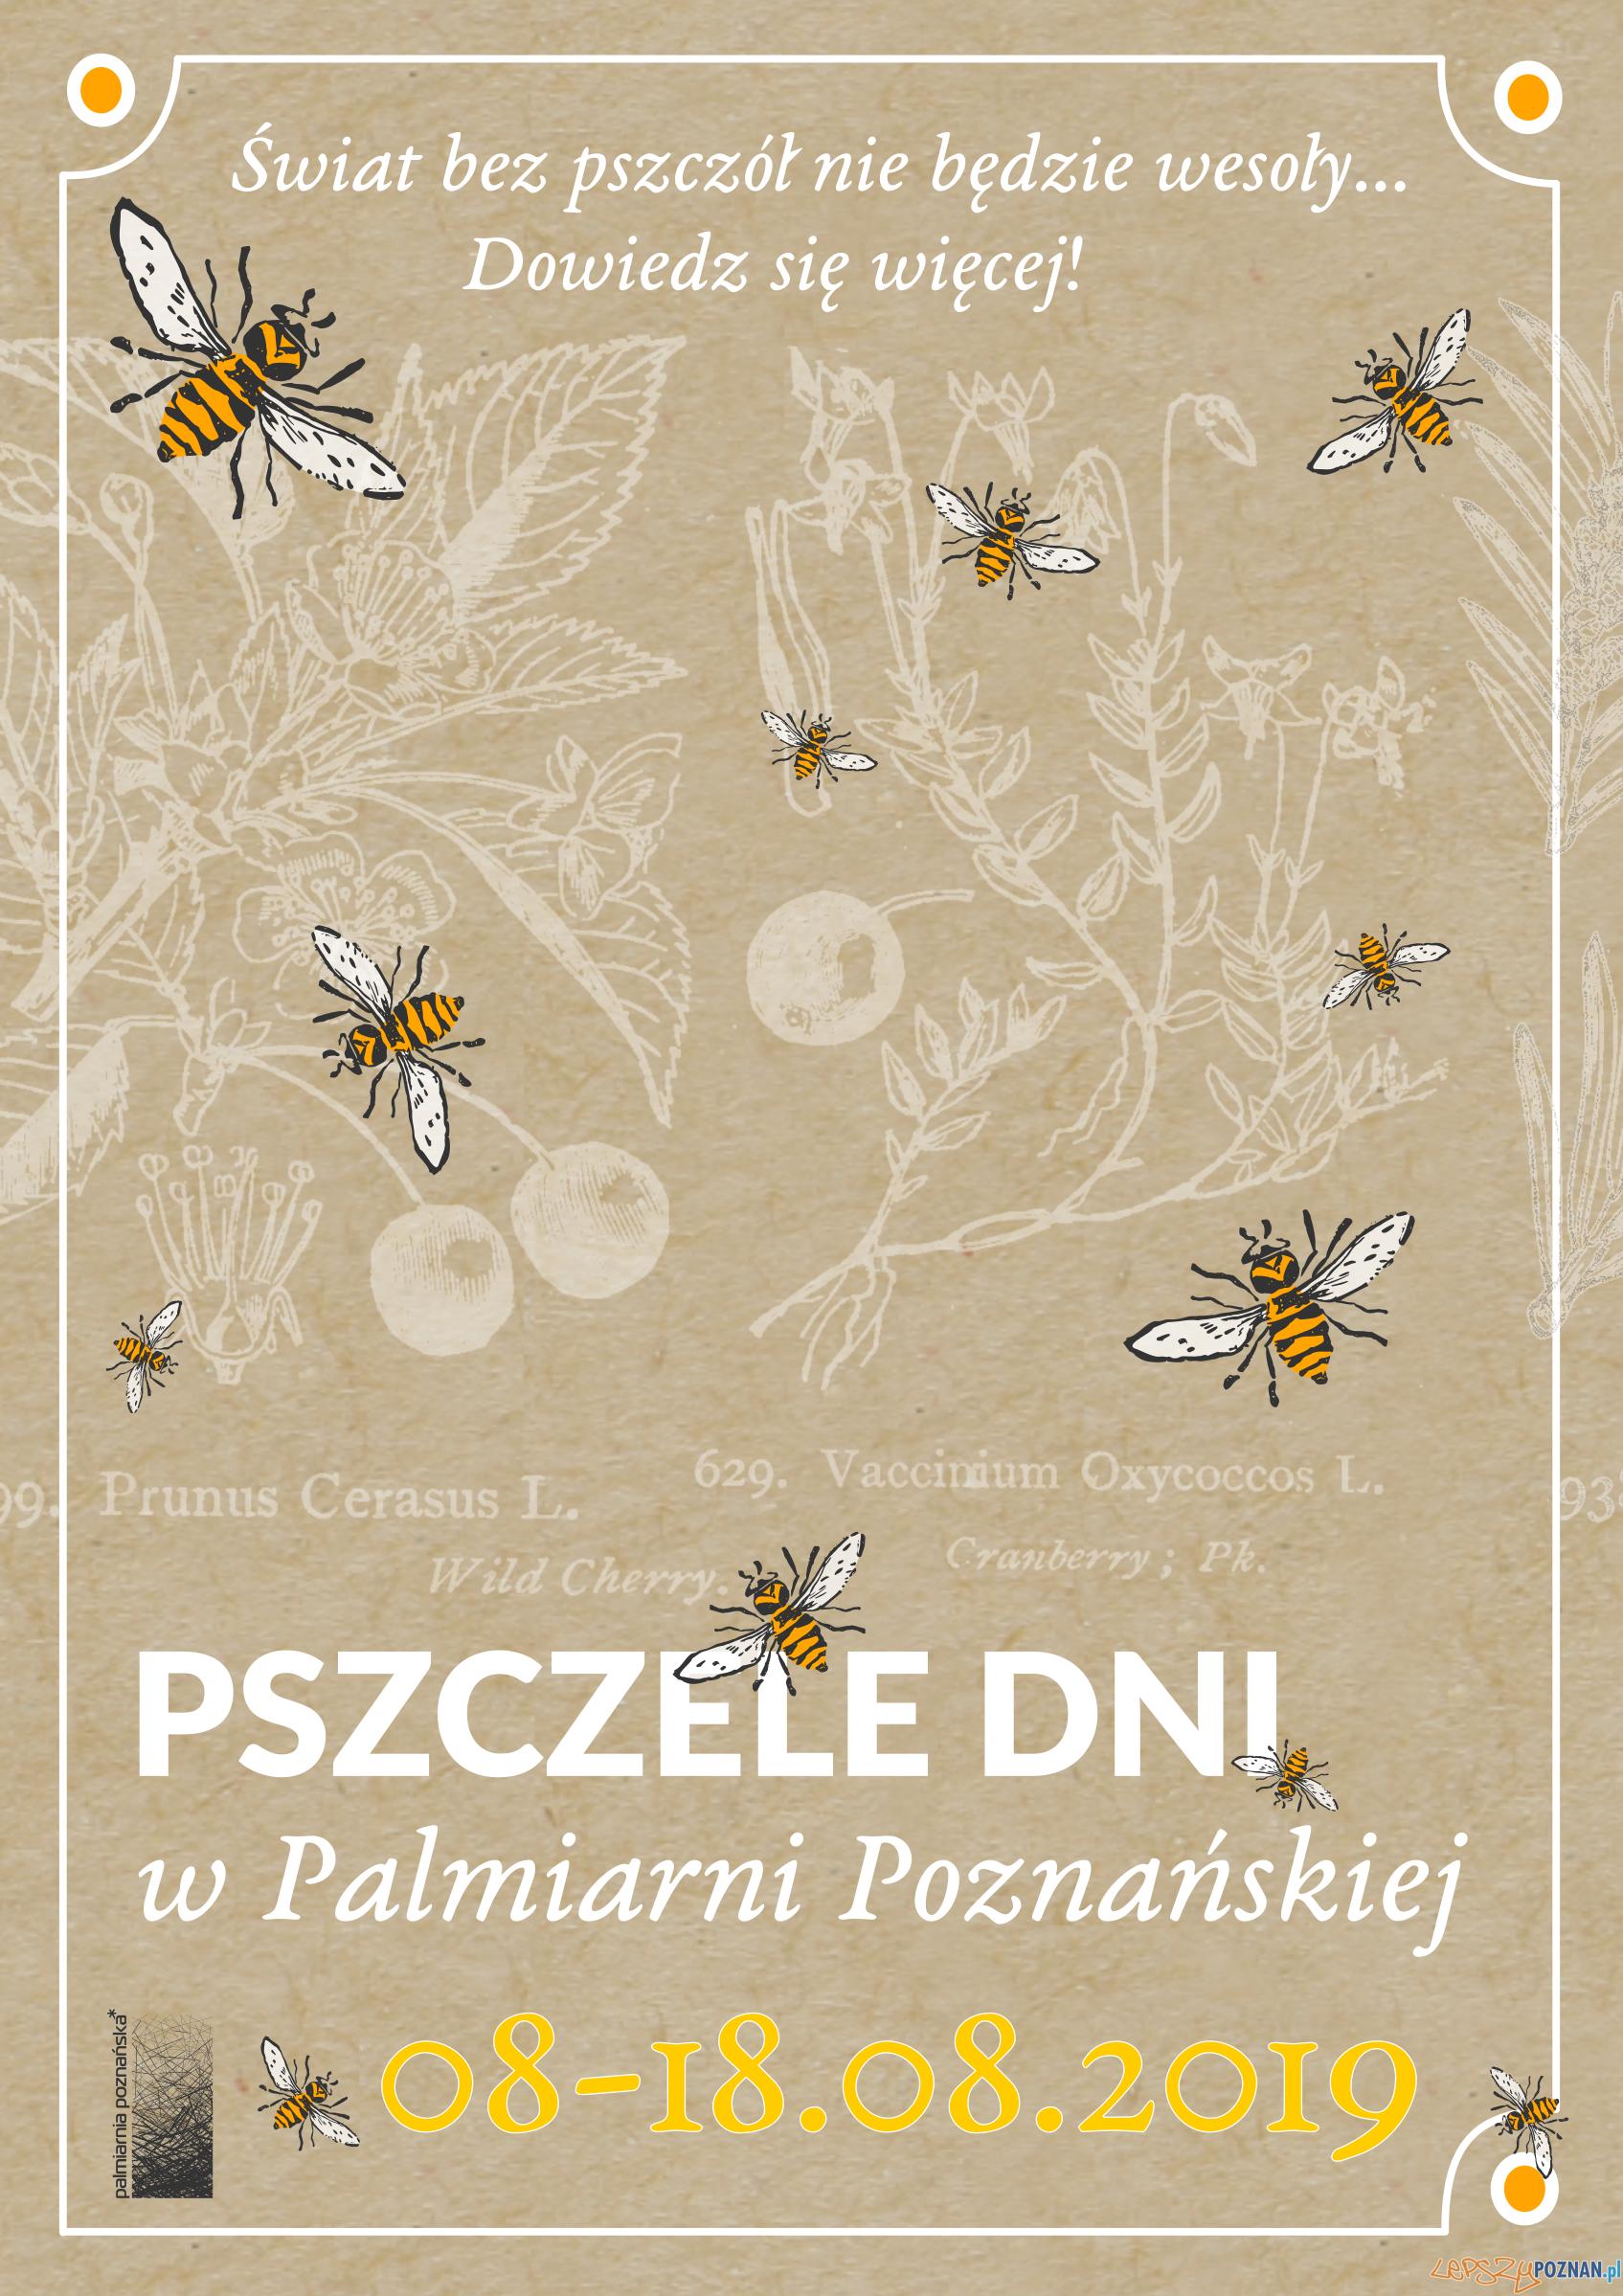 Dzień Pszczół w Palmiarni Poznańskiej  Foto: materiały prasowe